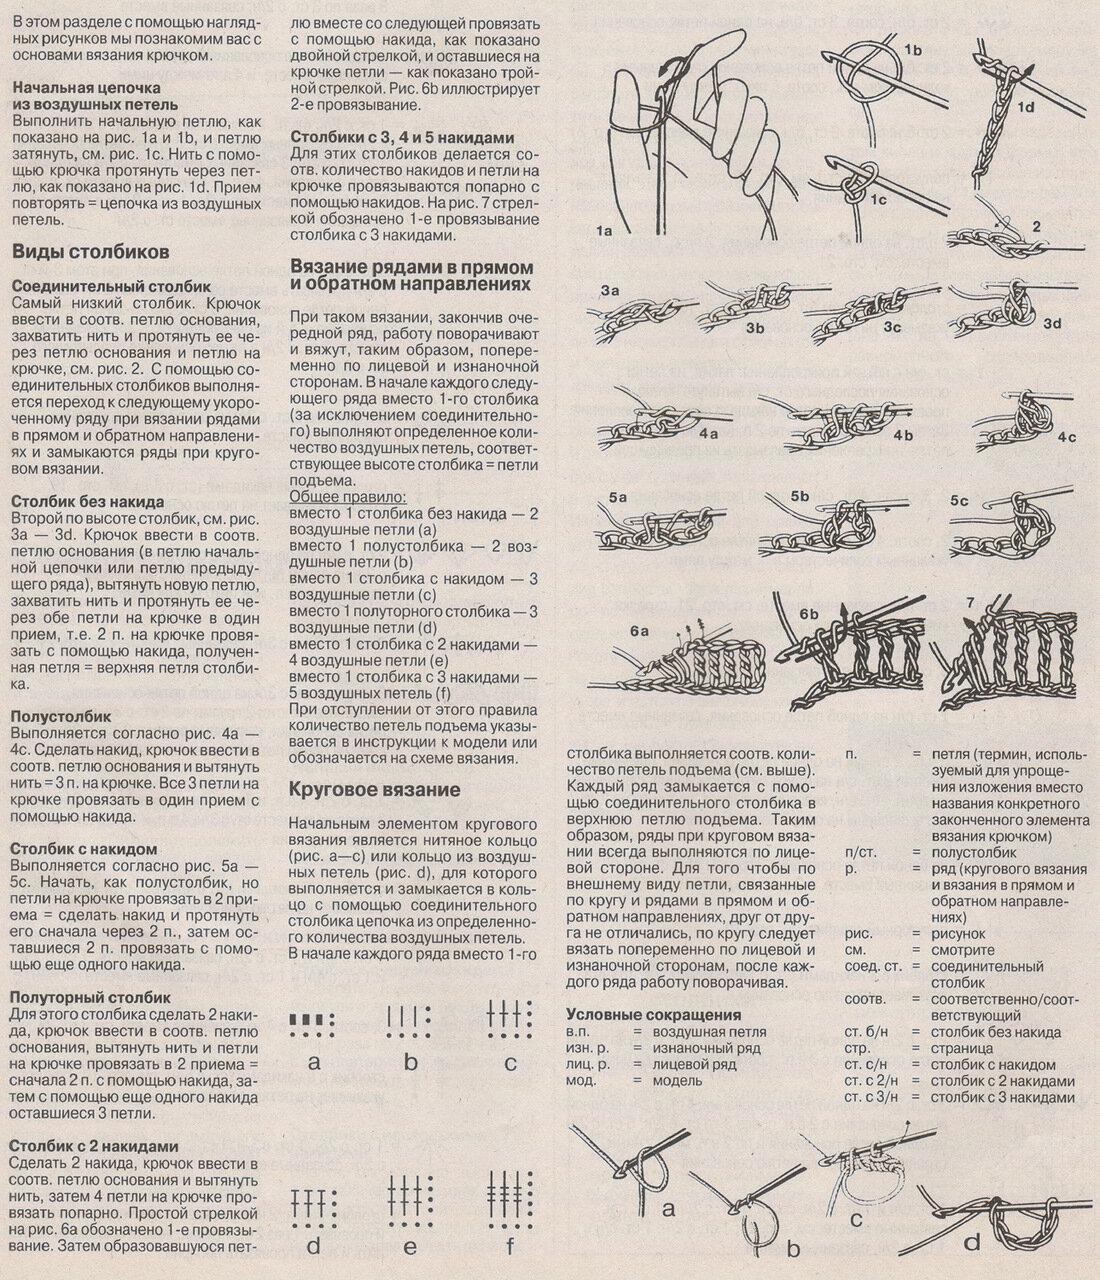 Гирич - Варианты терминологии крючкового вязания 0_814b4_78a65696_XXXL